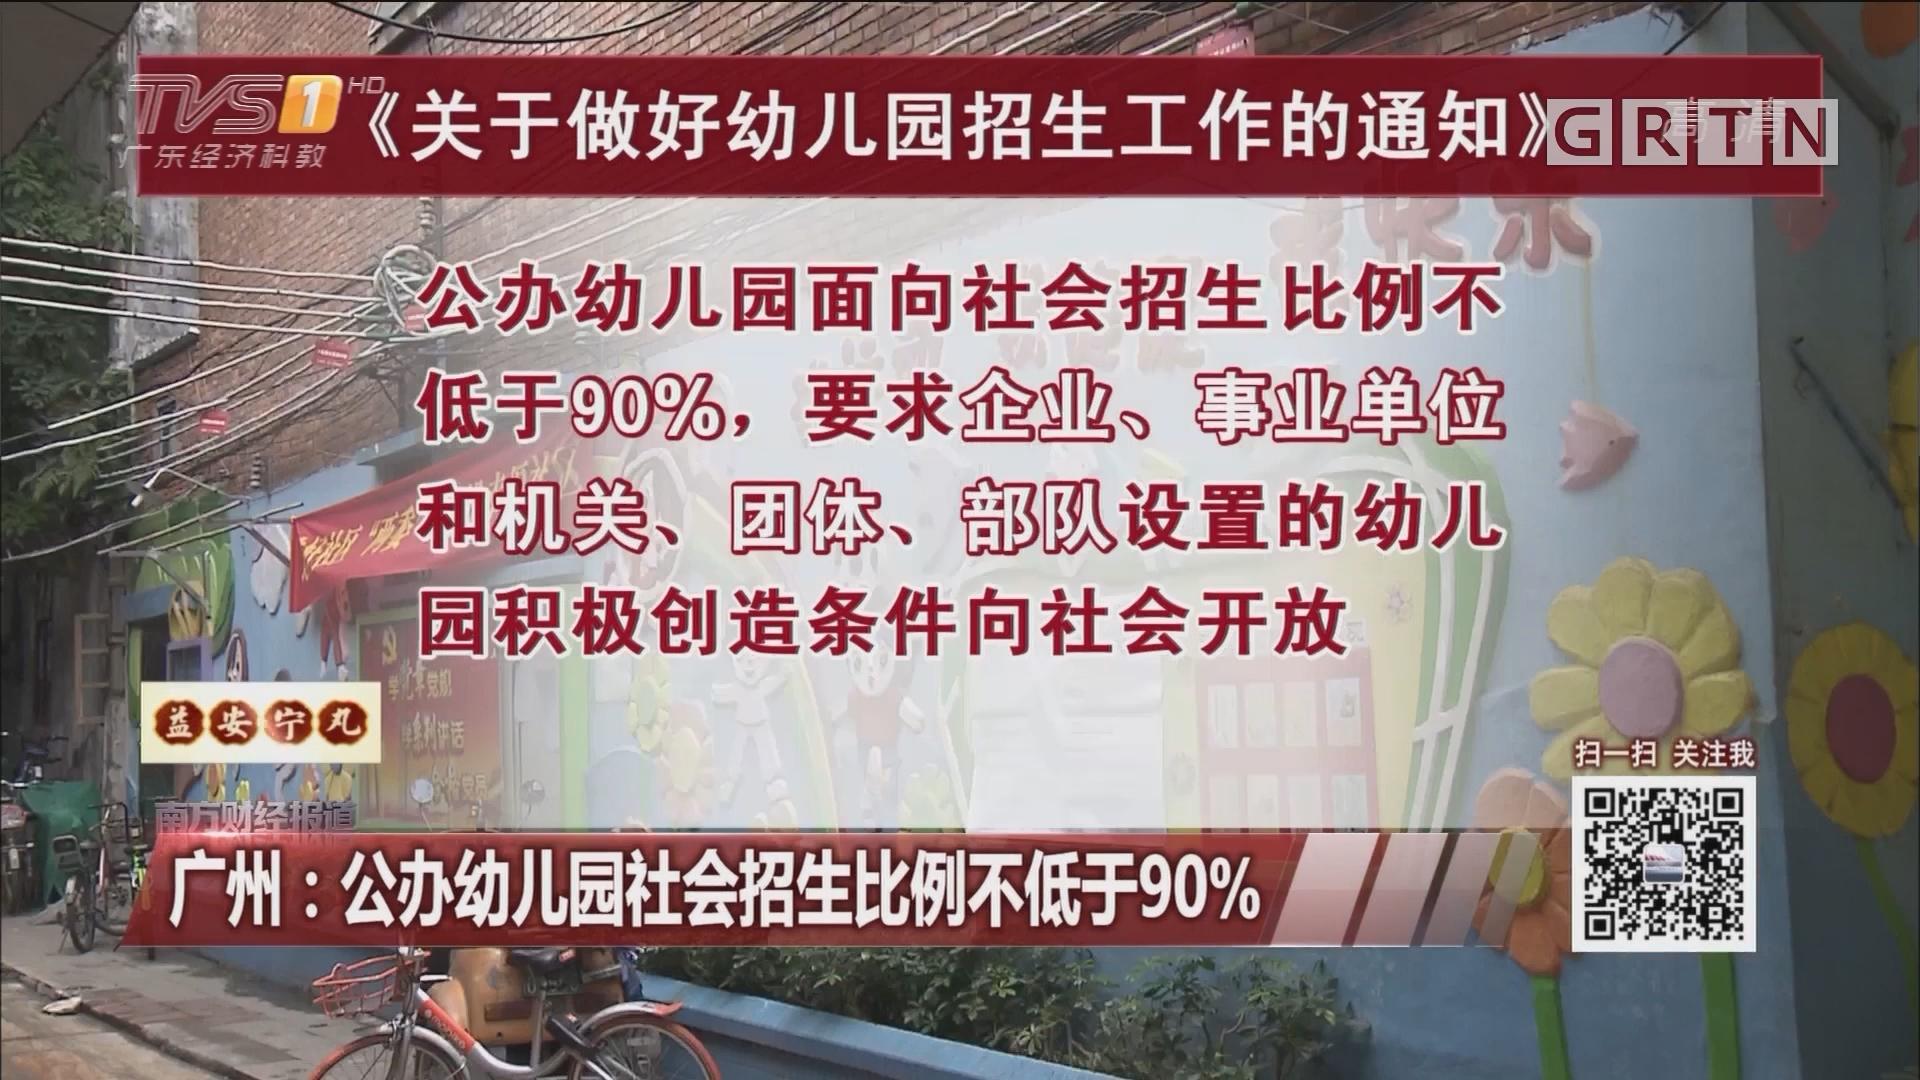 广州:公办幼儿园社会招生比例不低于90%